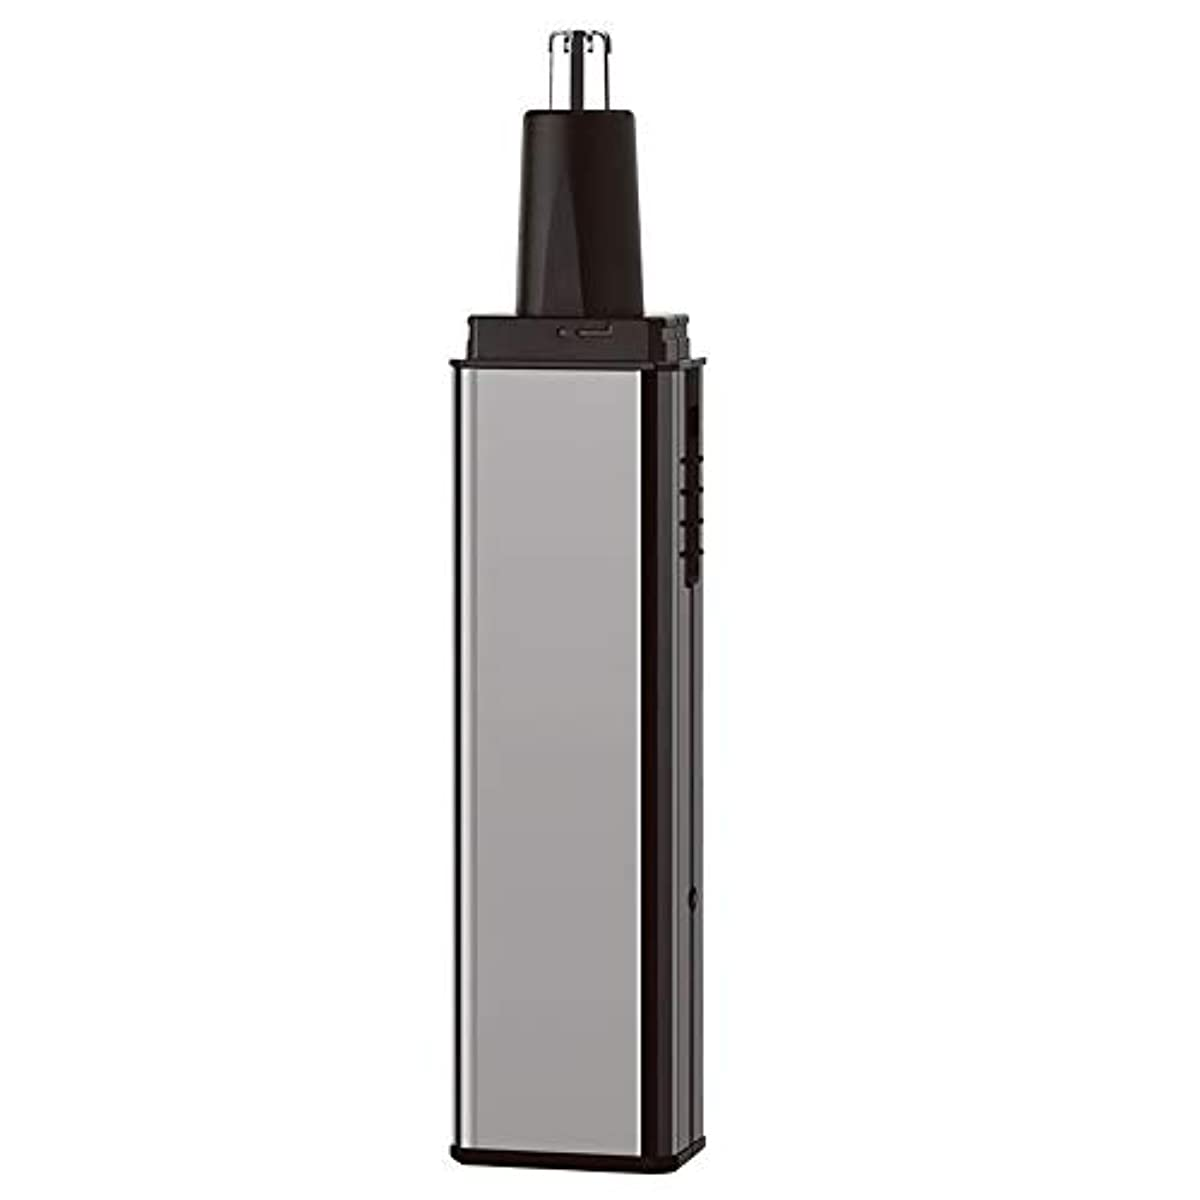 ケープマインドあなたのもの鼻毛トリマー-多機能スーツフォーインワン/電気鼻毛トリマー/ステンレススチール/多機能/ 13.5 * 2.7cm 使いやすい